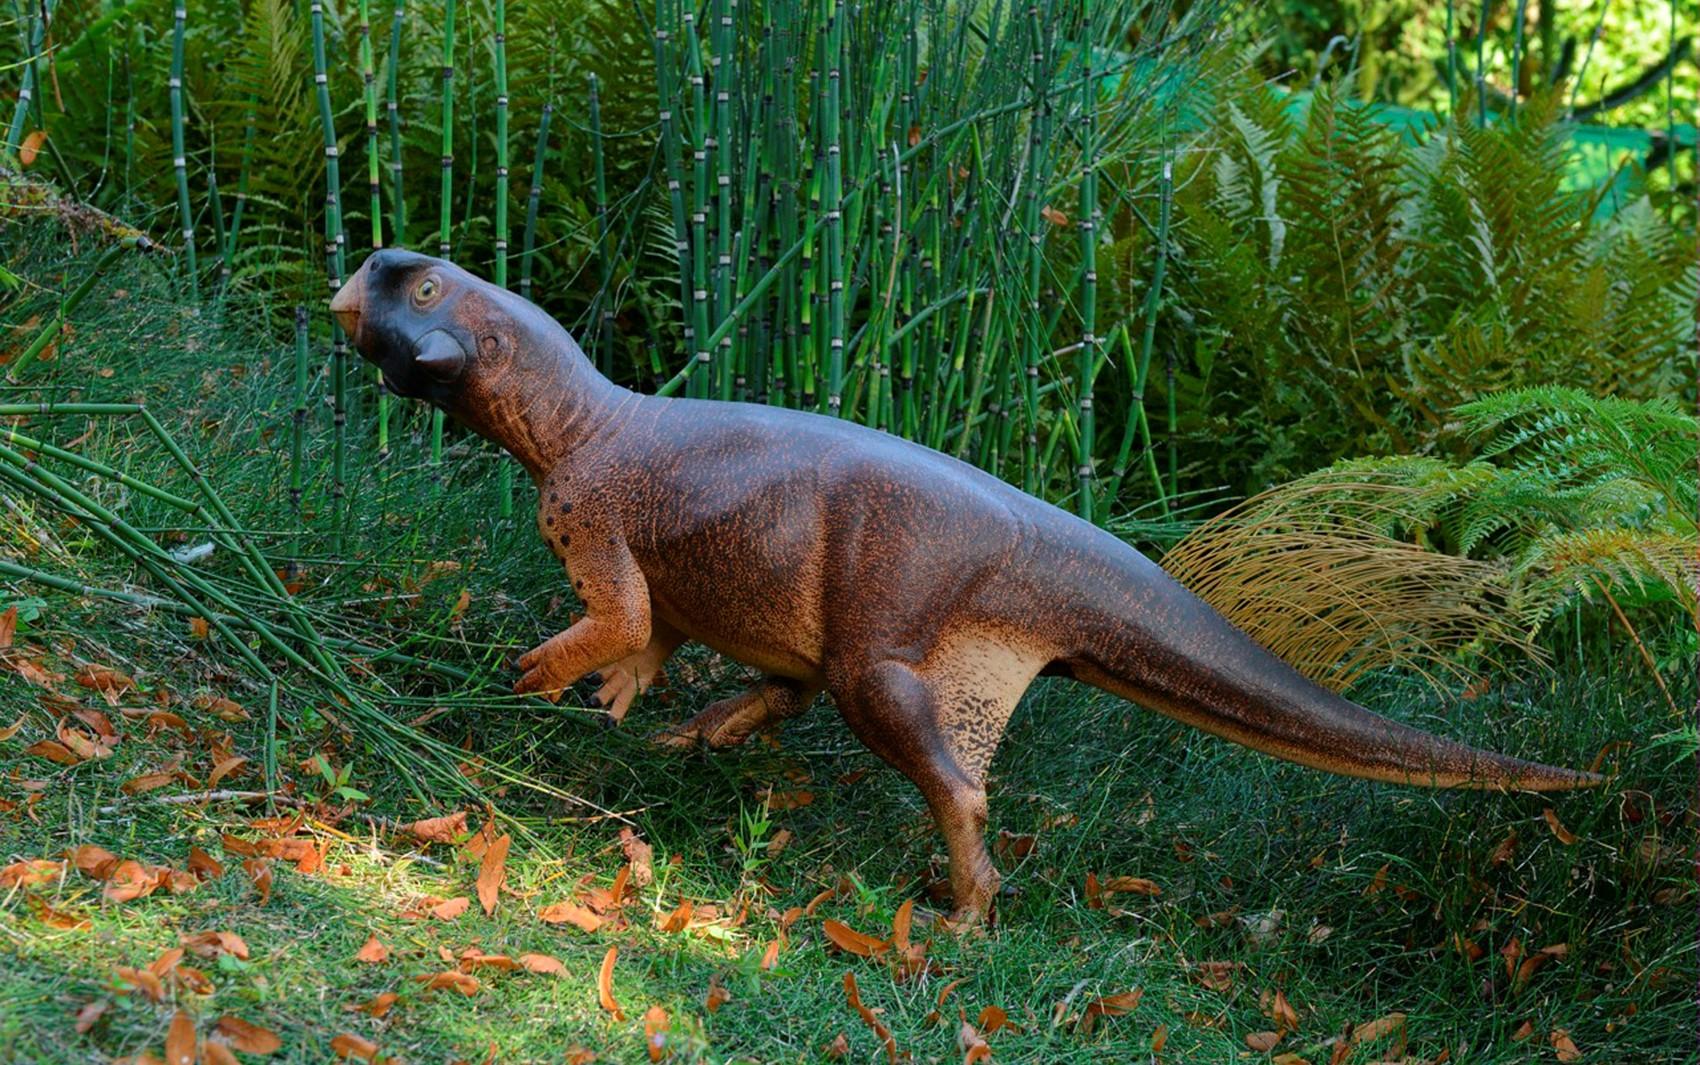 Ilustração do psitacosauro feita por artista mostra como dinossauro deveria ser, de acordo com estudos (Foto: Jakob Vinther/University of Bristol and Bob Nicholls/Handout via REUTERS)